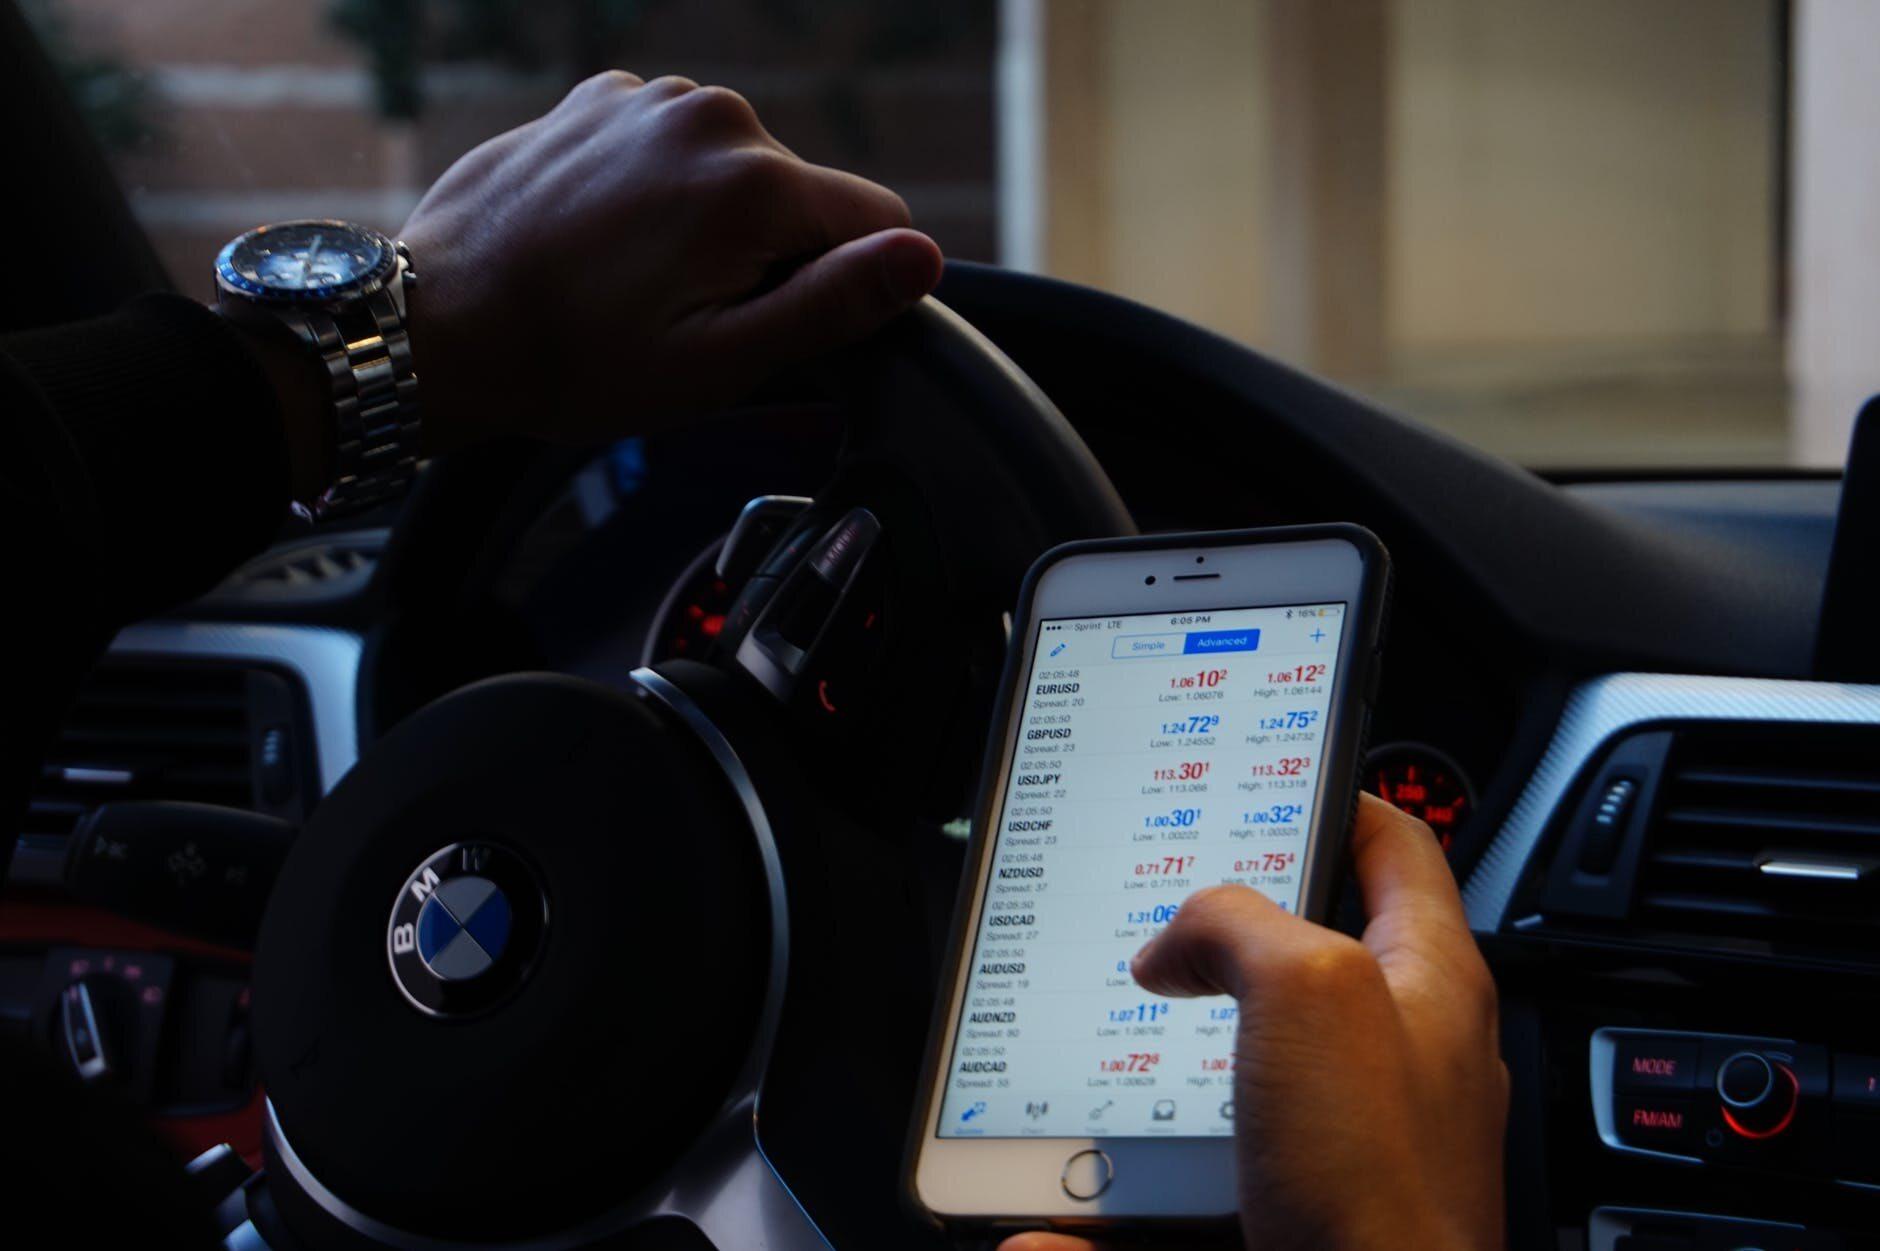 Kierowca korzysta ze smartfona (zdjęcie ilustracyjne)